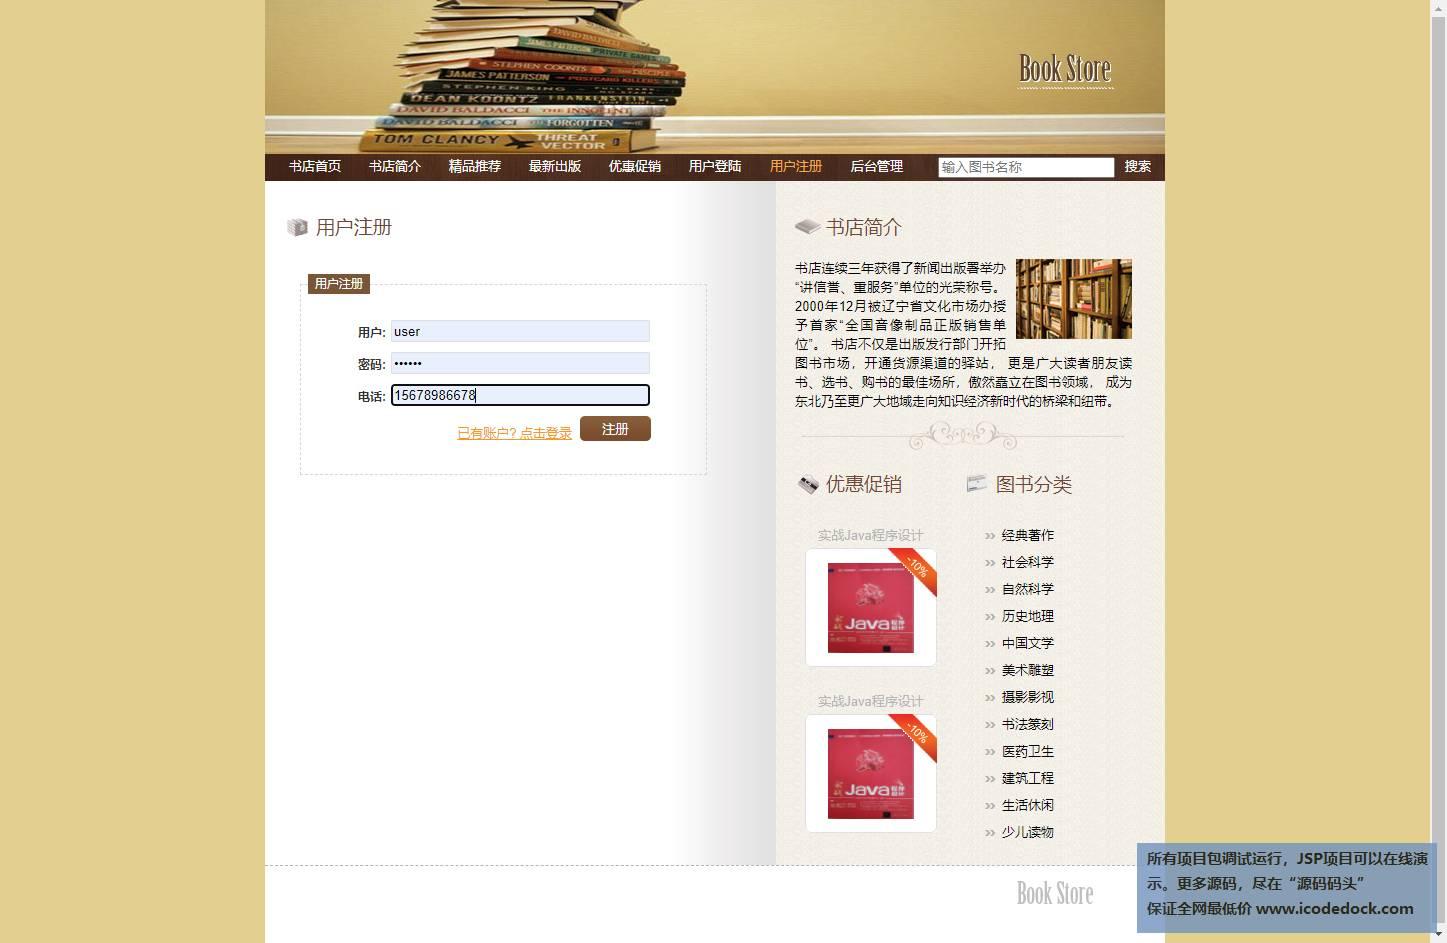 源码码头-SSH实现一个图书销售商场项目网站-用户角色-用户注册